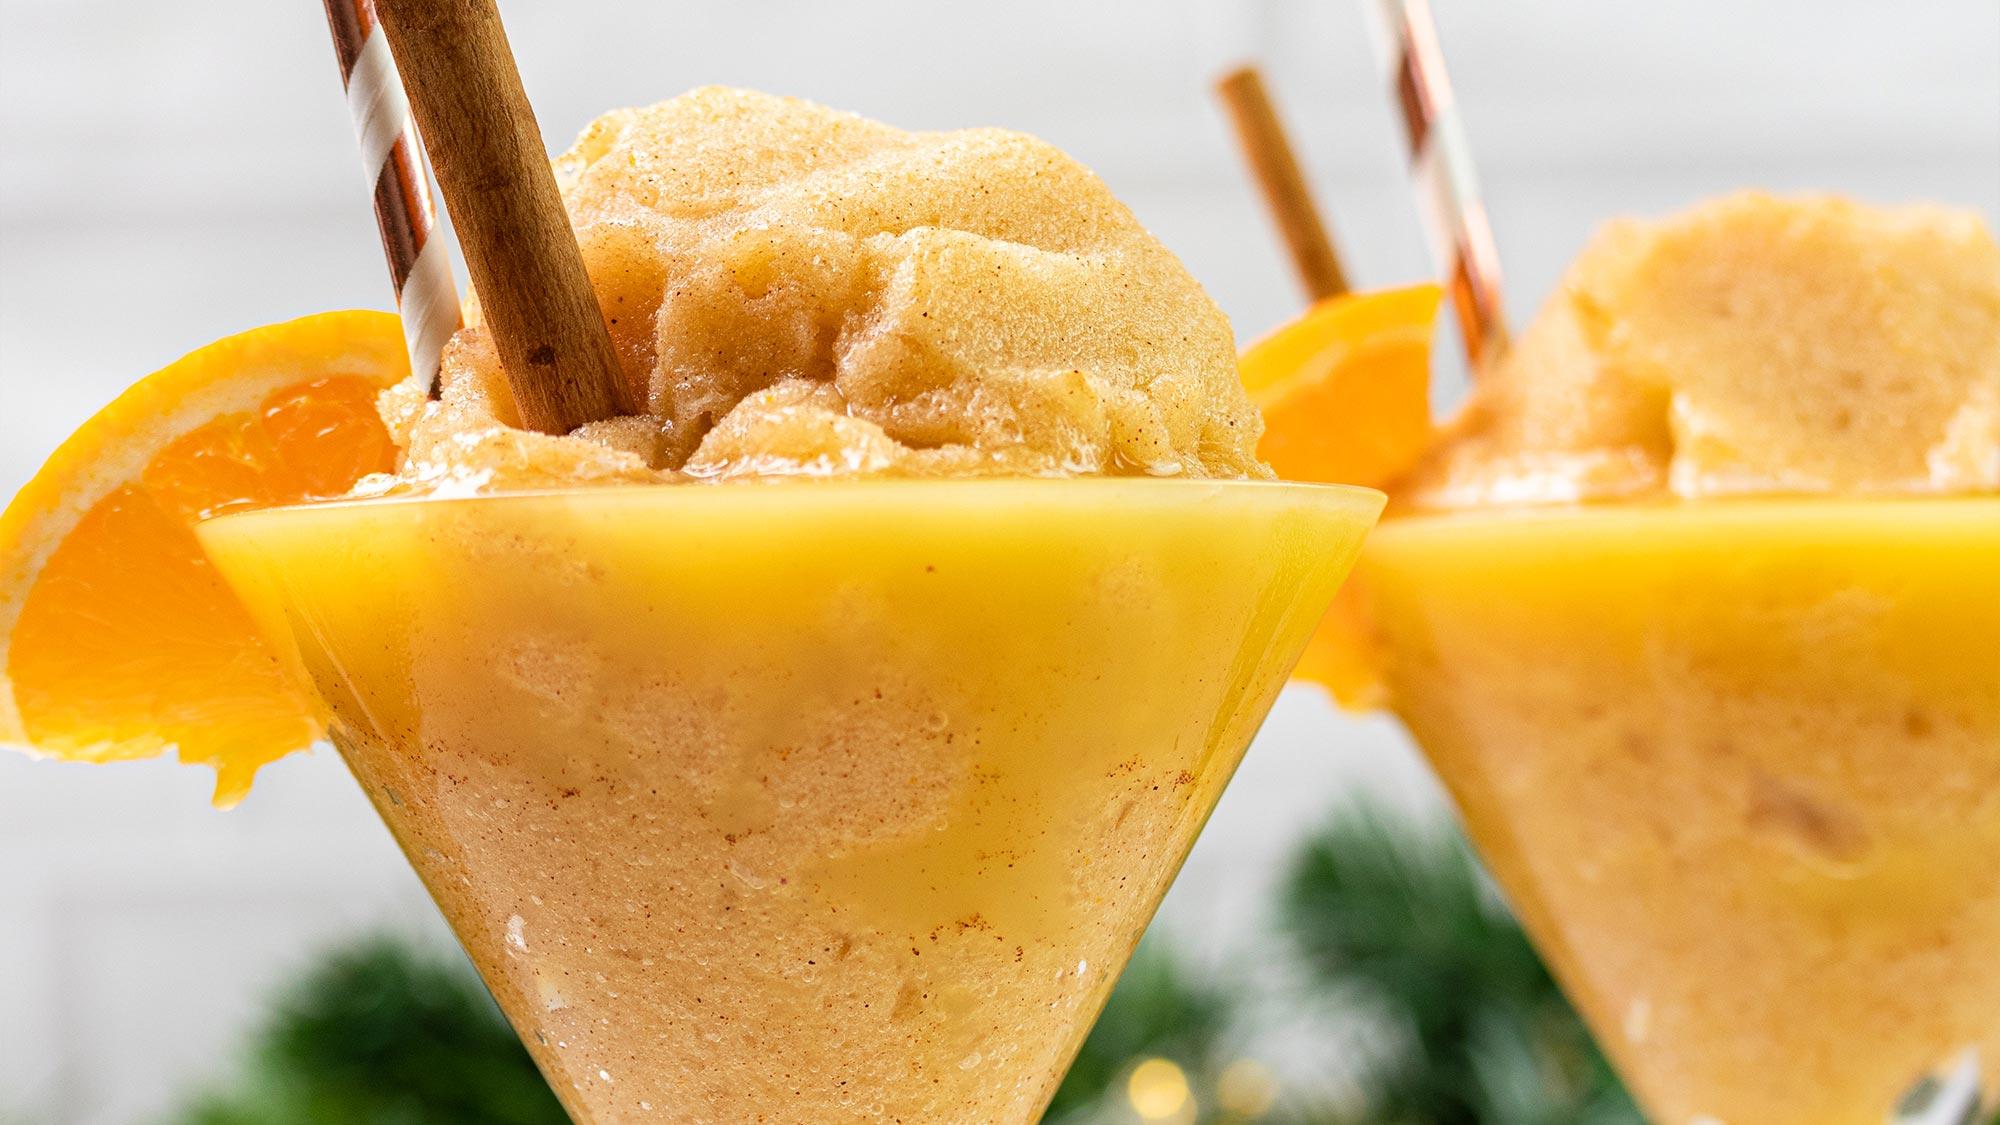 Sinaasappel-daiquiri met kaneel